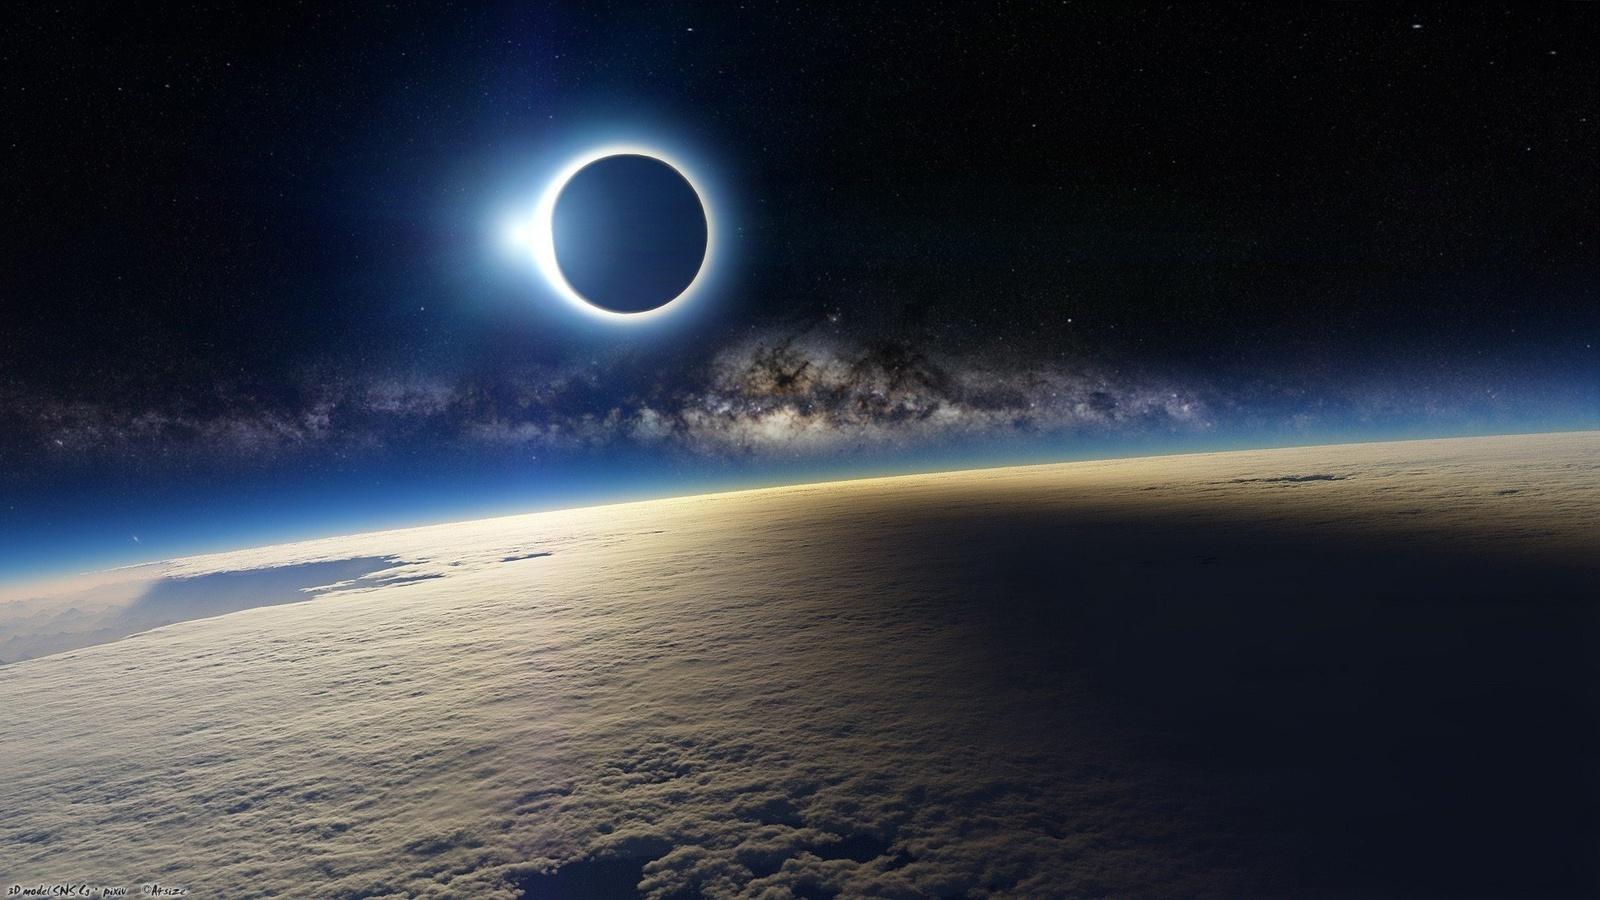 космос, планета, земля, затмение